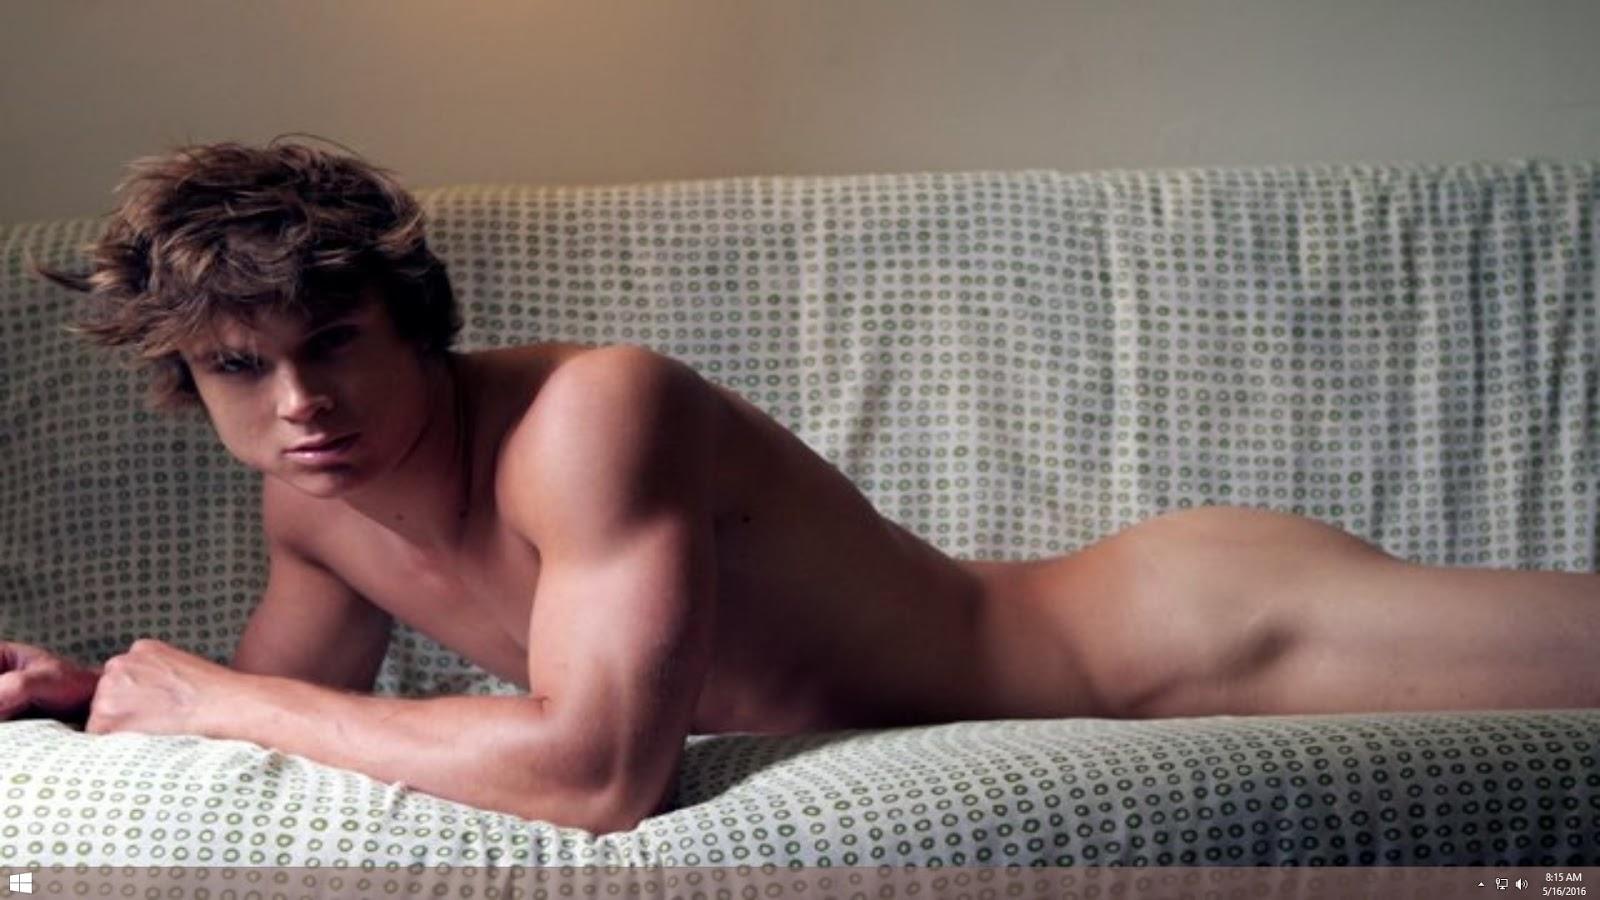 francine garcia nude photo